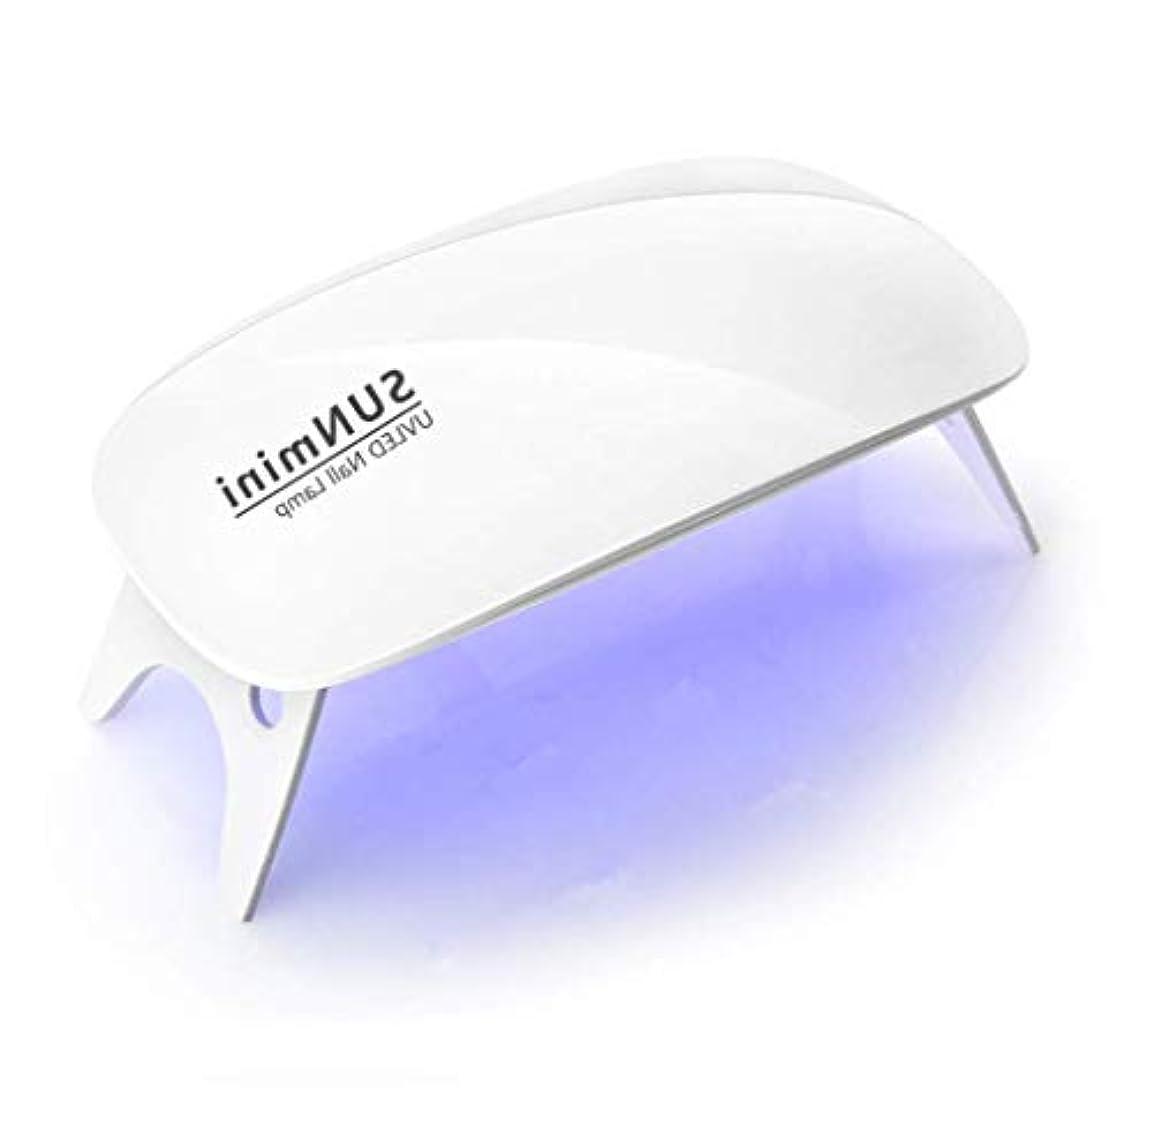 遡る賞陰気LEDネイルドライヤー UV とLEDダブルライト ジェルネイル用 ホワイト UVライト 折りたたみ式 設定可能 タイマー ジェルネイル LED 硬化ライト ホワイト